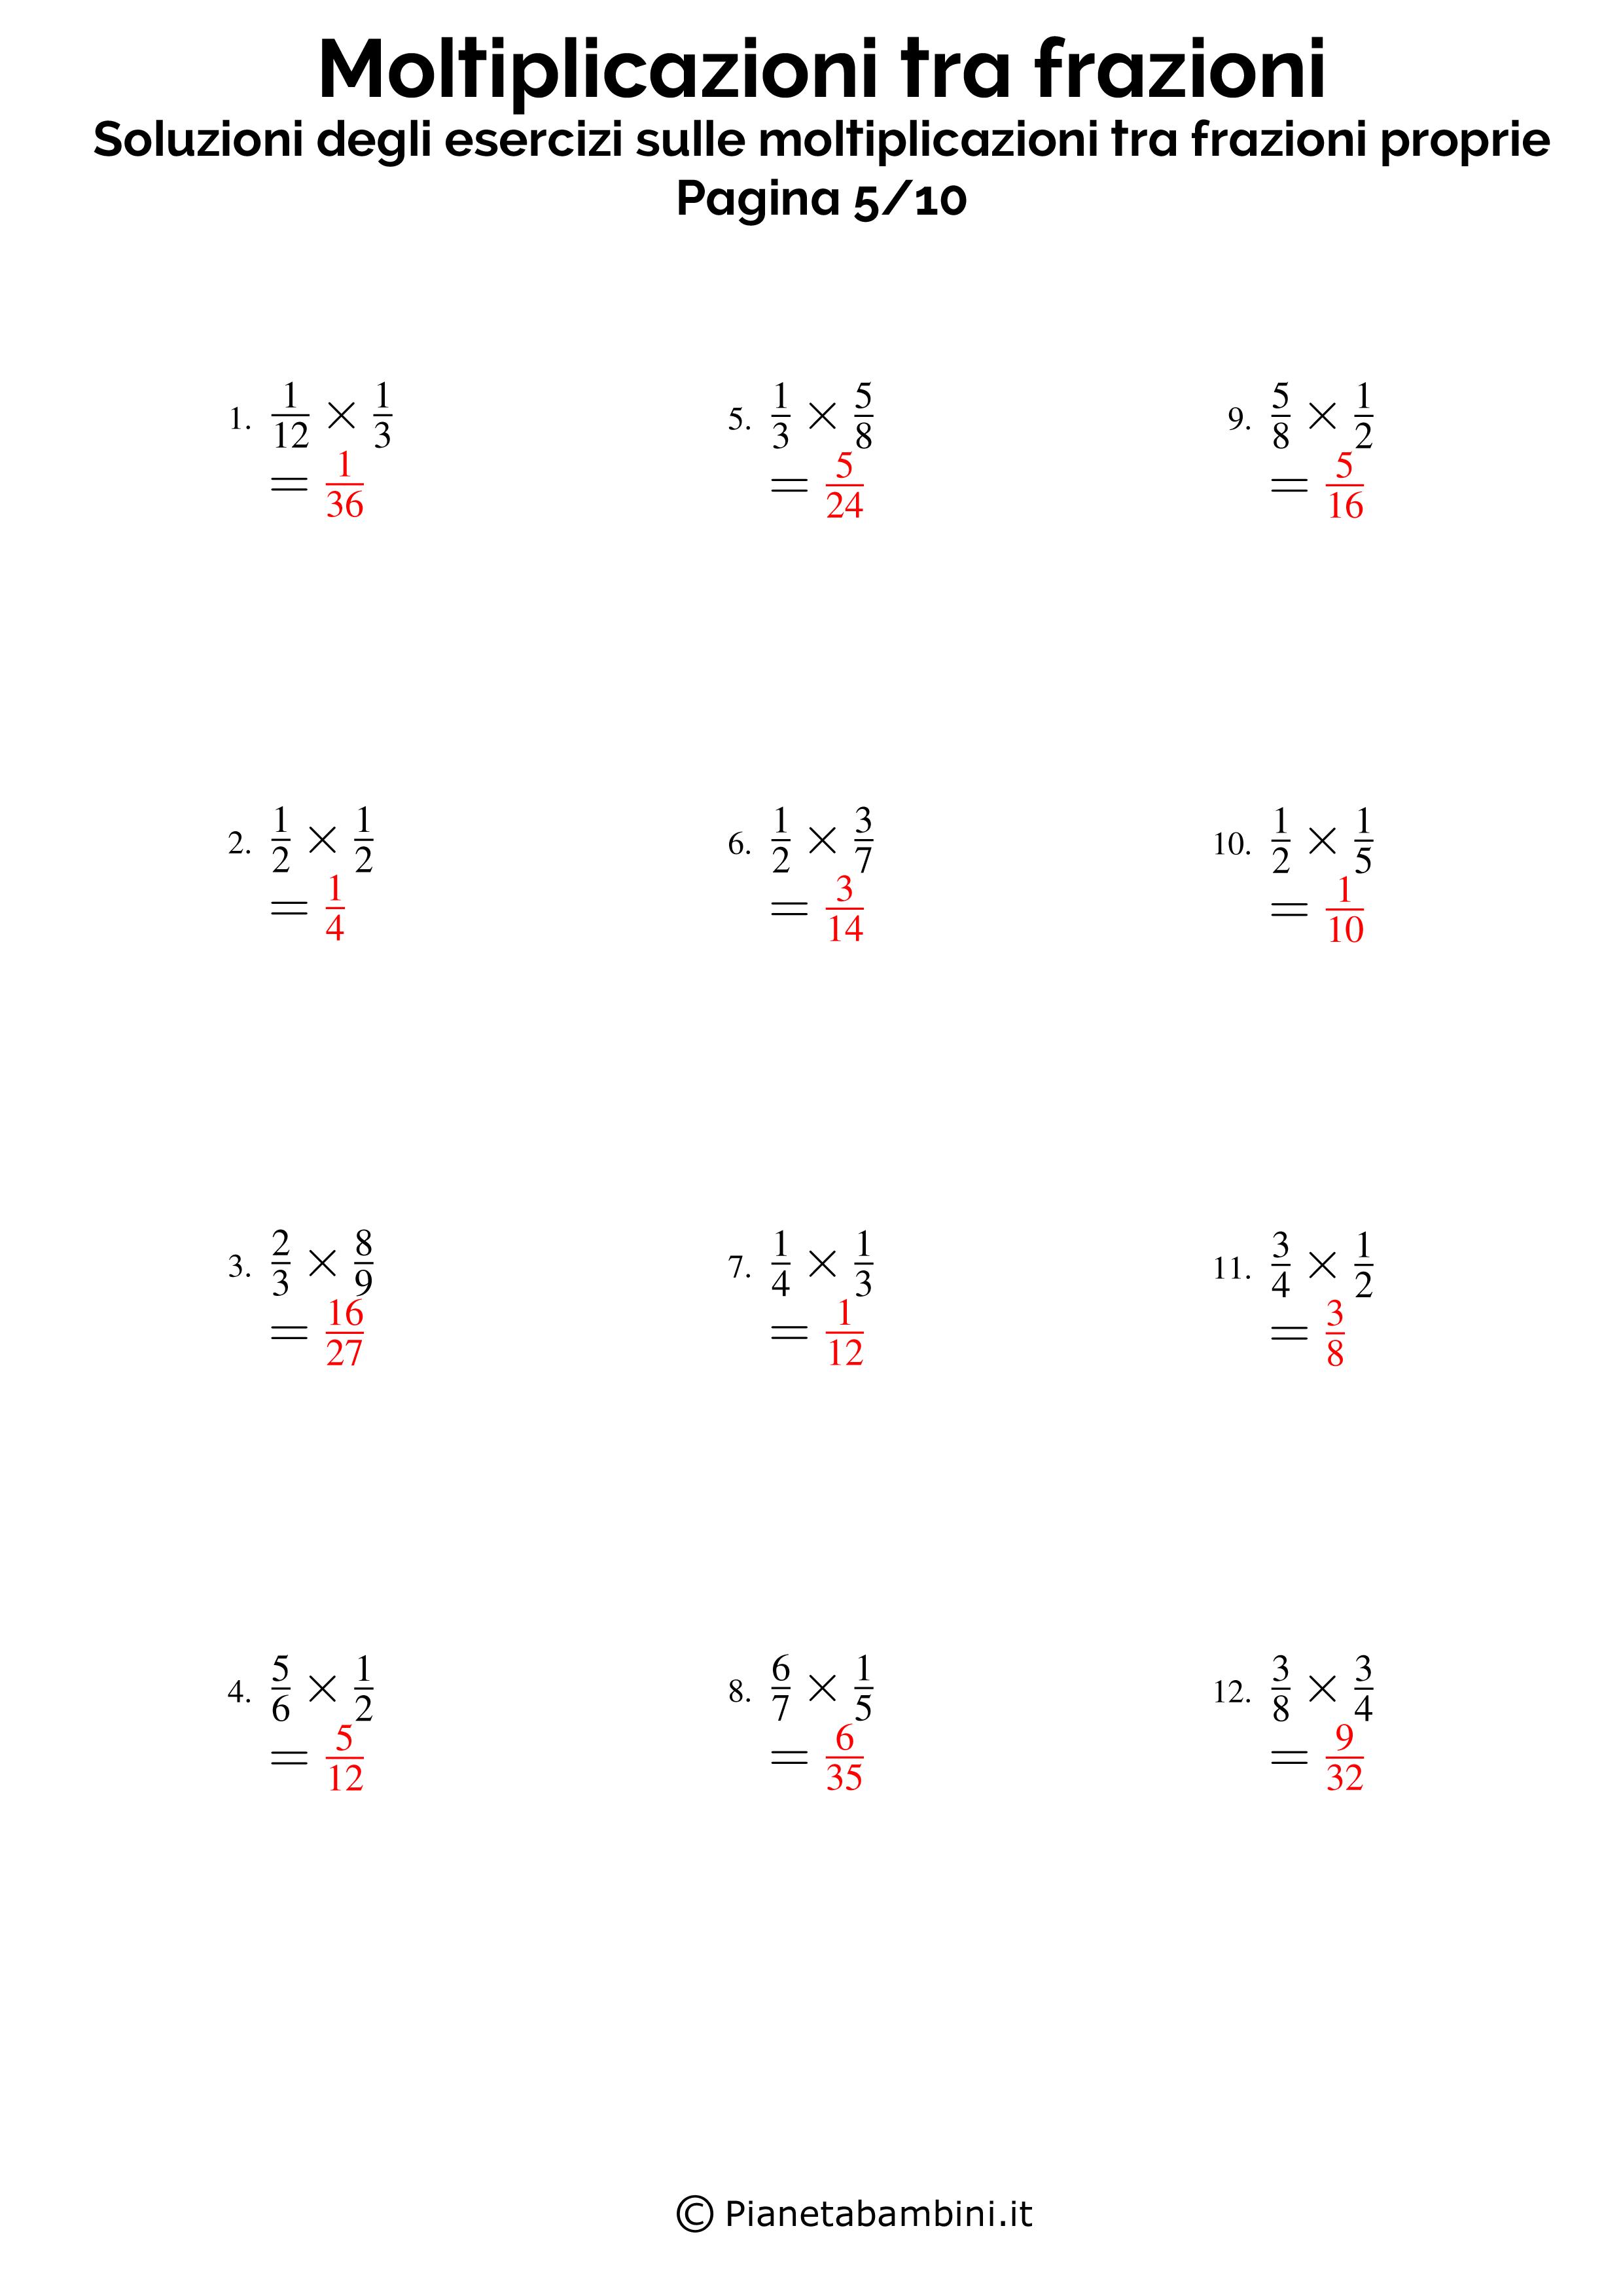 Soluzioni-Moltiplicazioni-Frazioni-Proprie_05